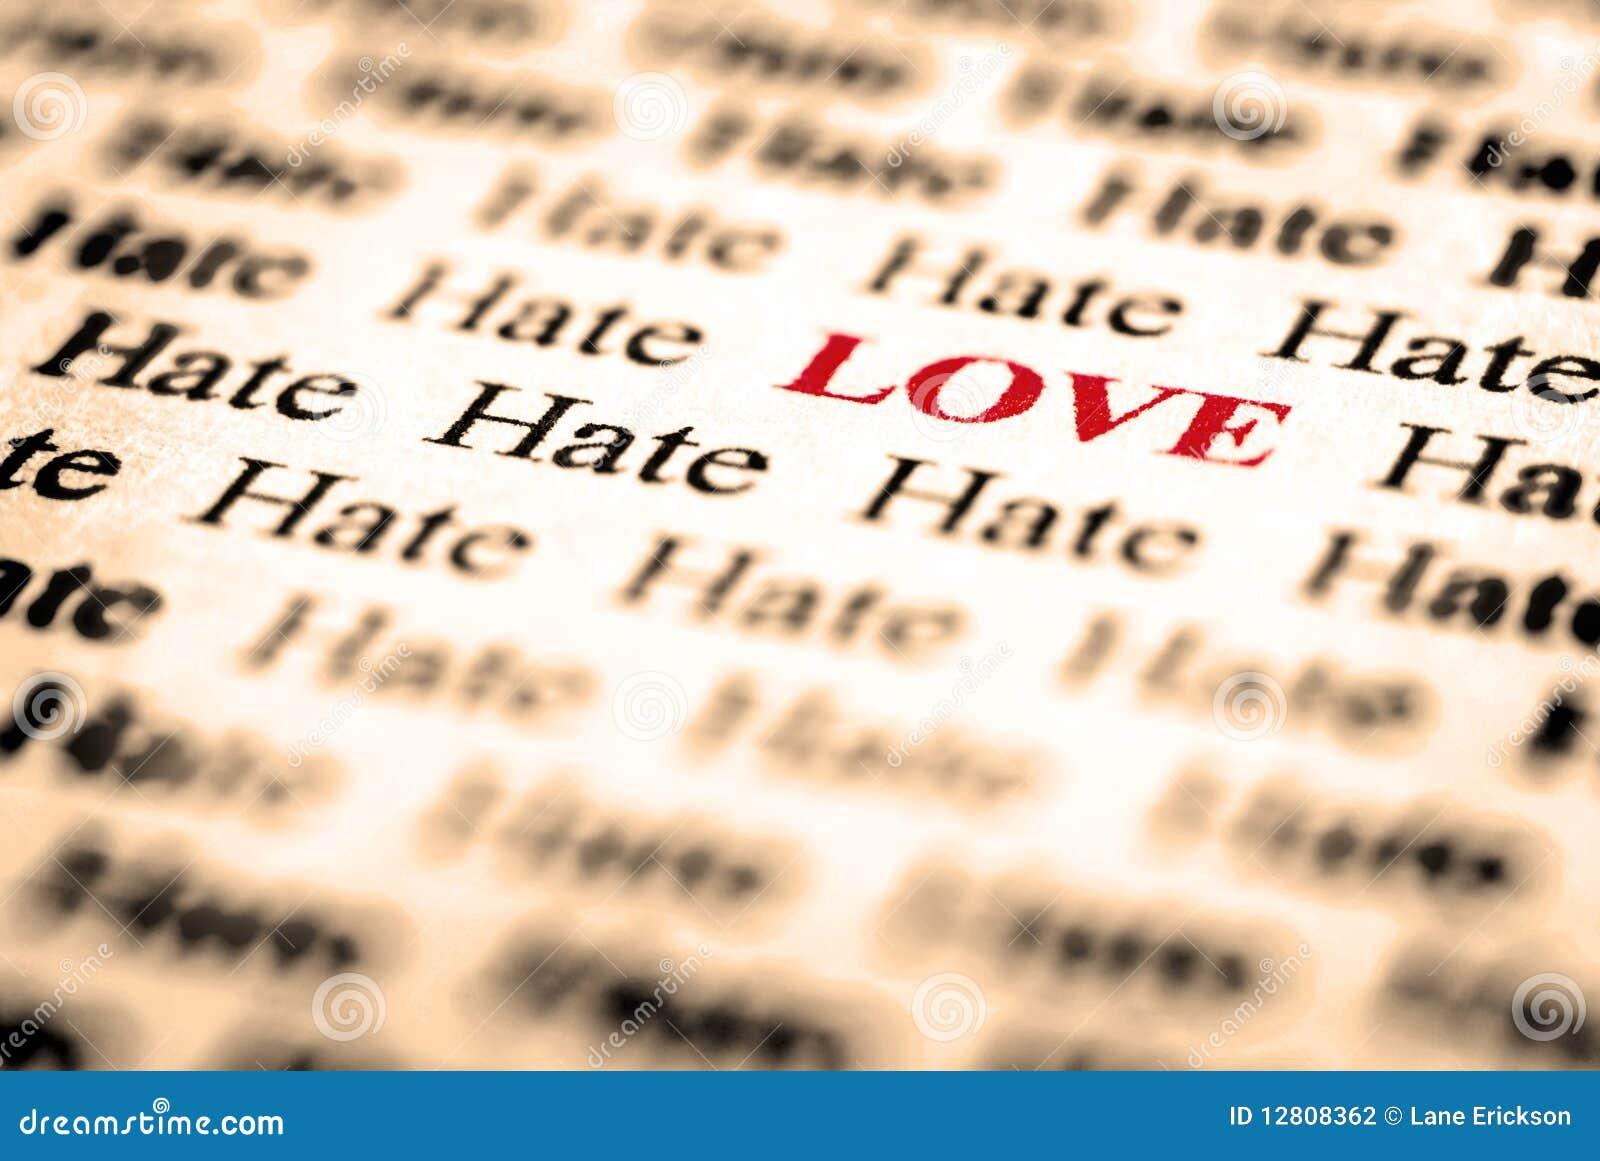 Amor & ódio